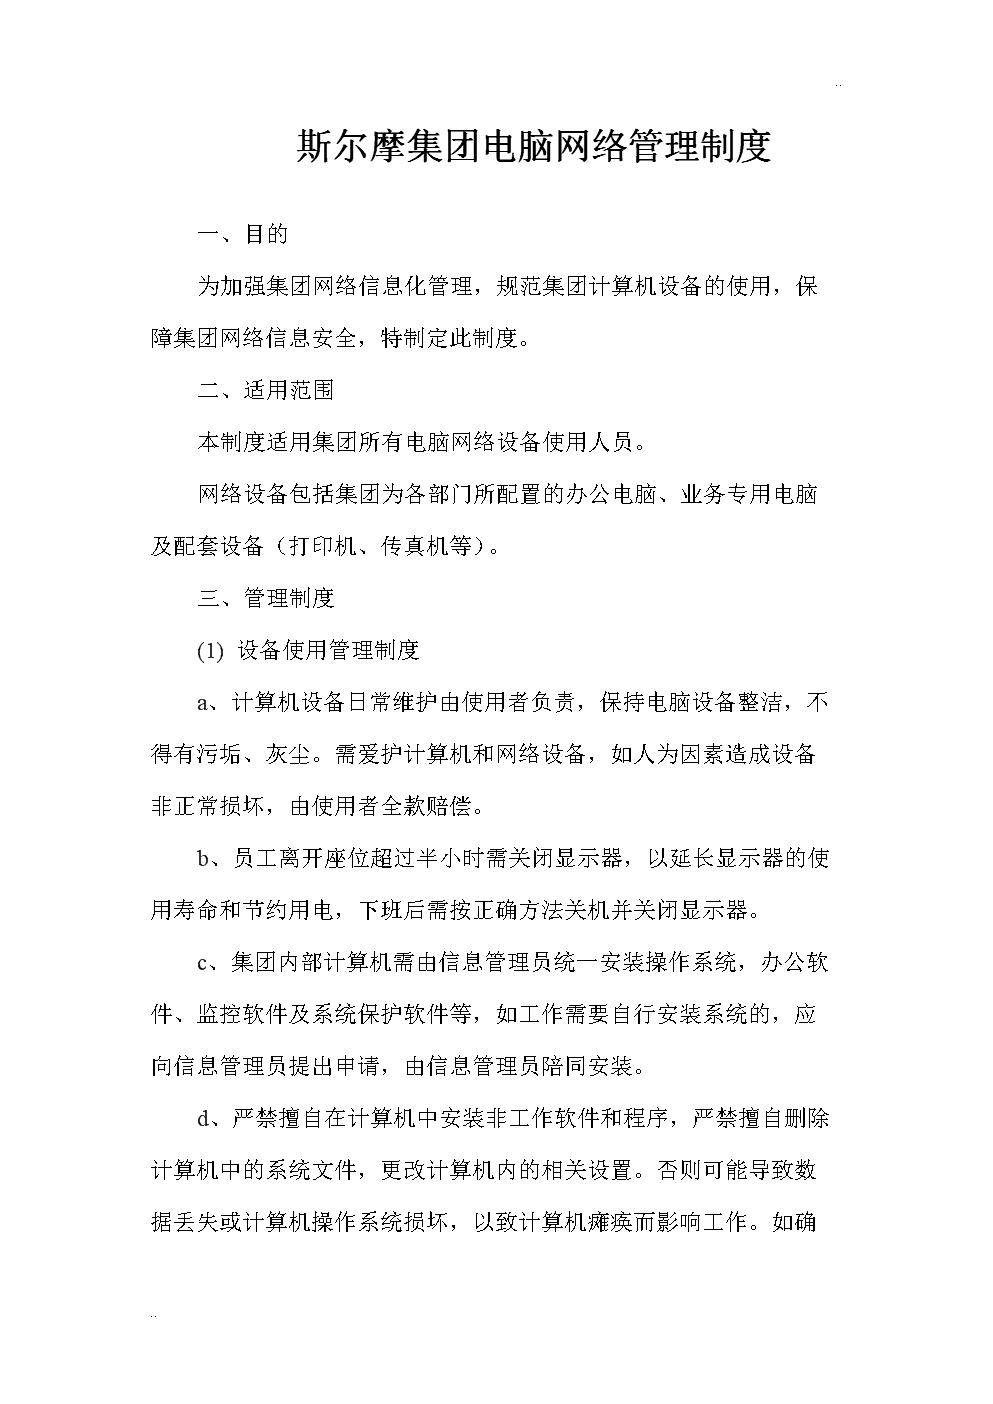 电脑网络管理制度Word版.doc